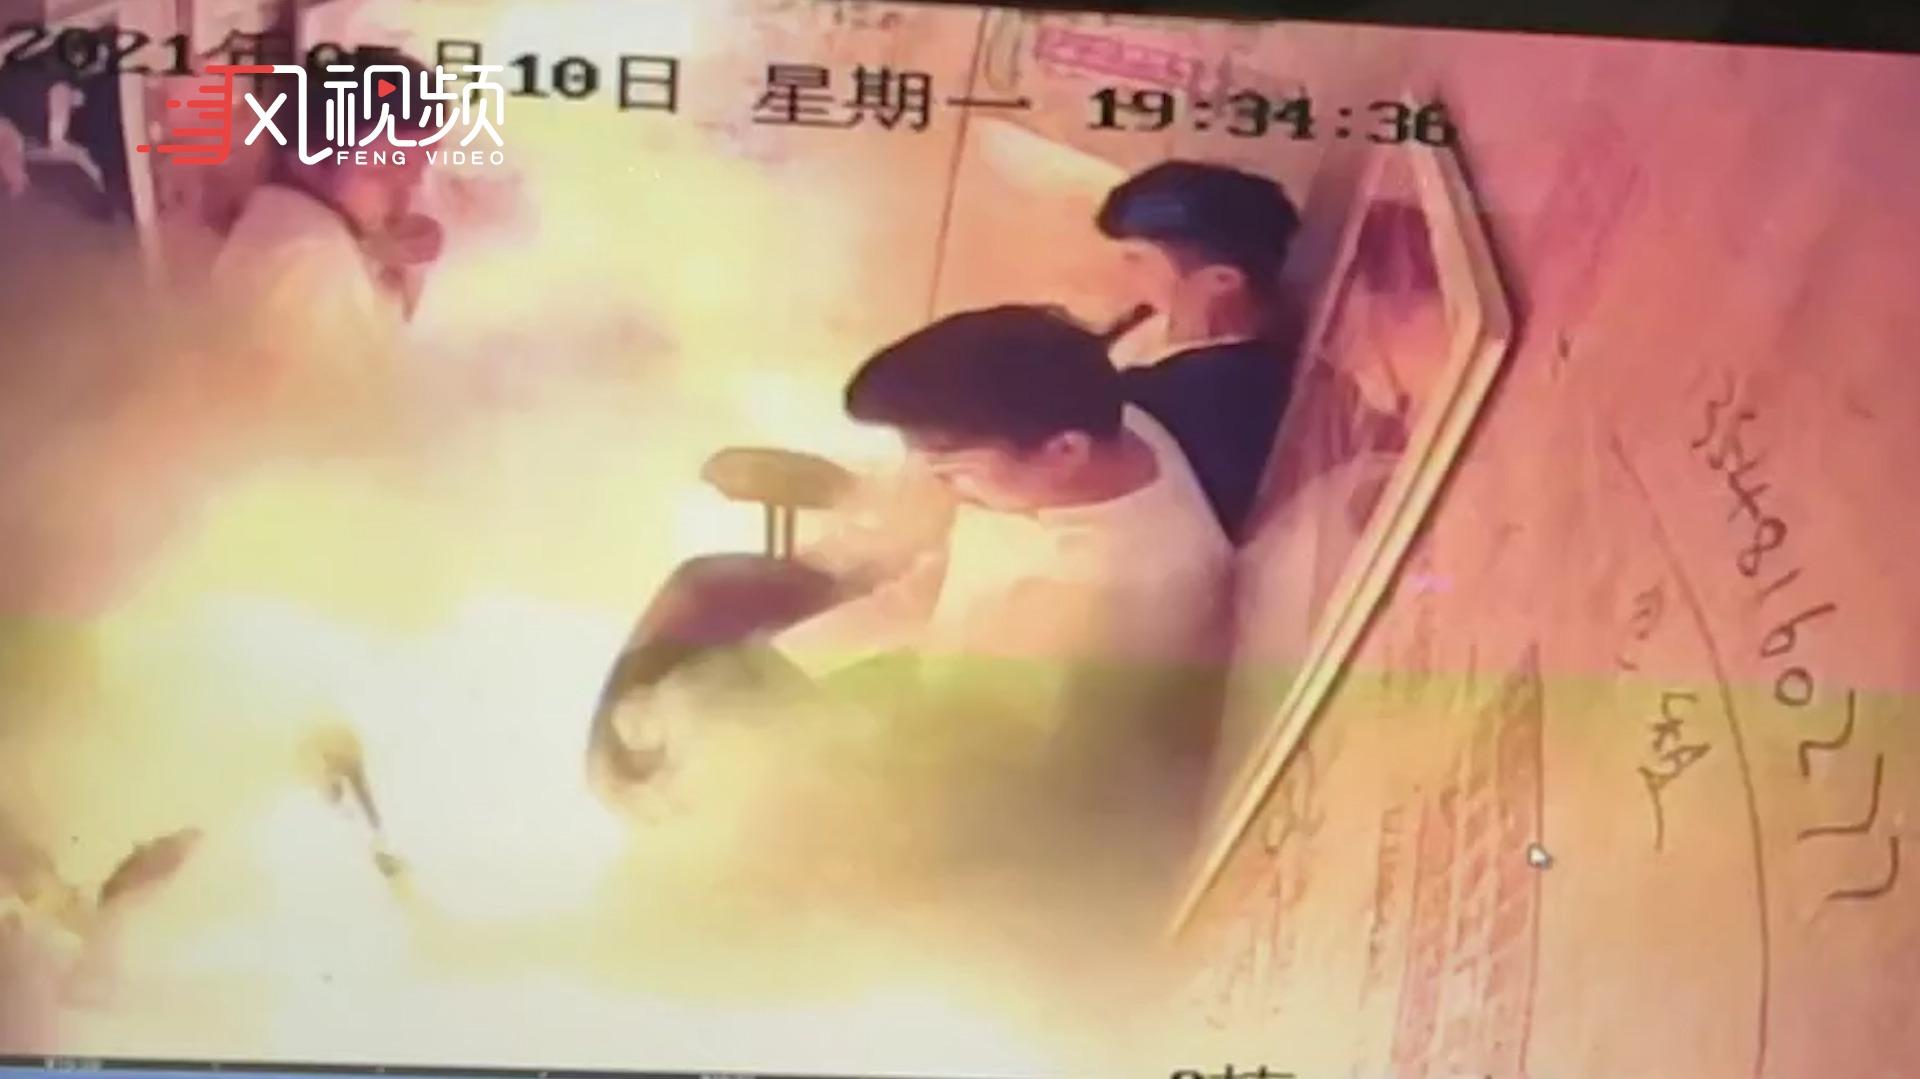 官方通报小区电梯内电瓶车起火:5人受伤 初步认定电瓶车着火引发